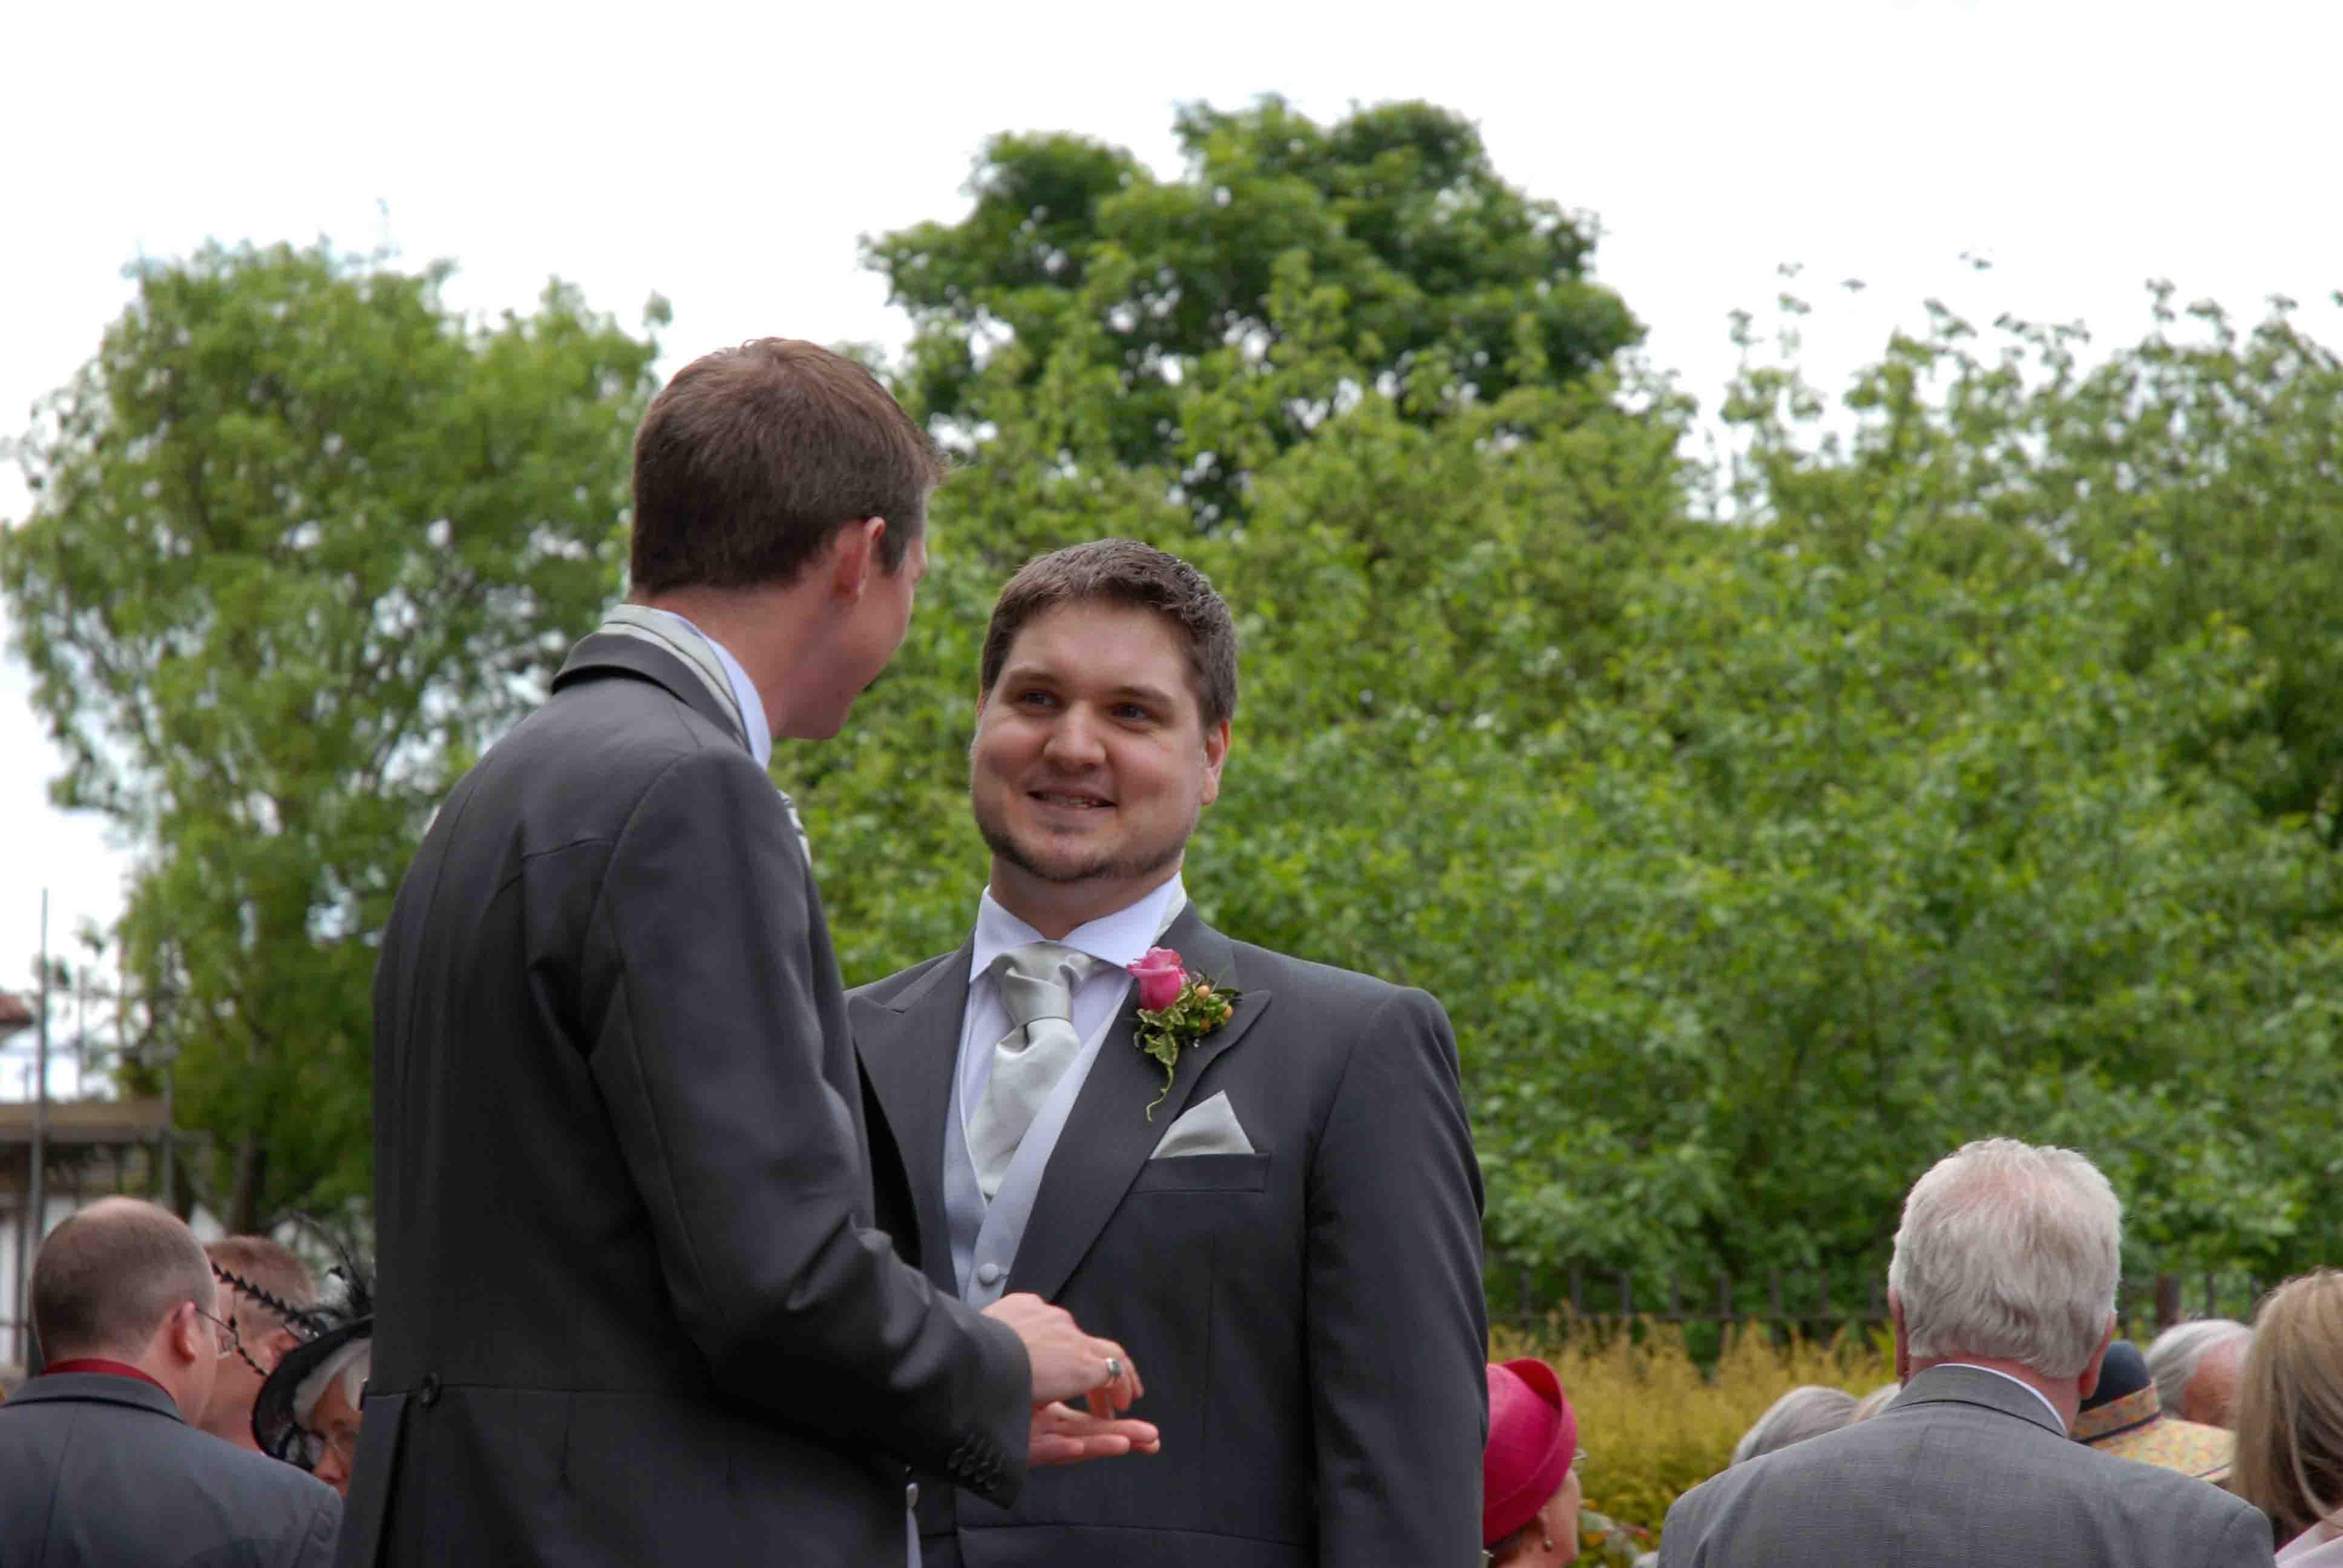 O'Brien Wedding013